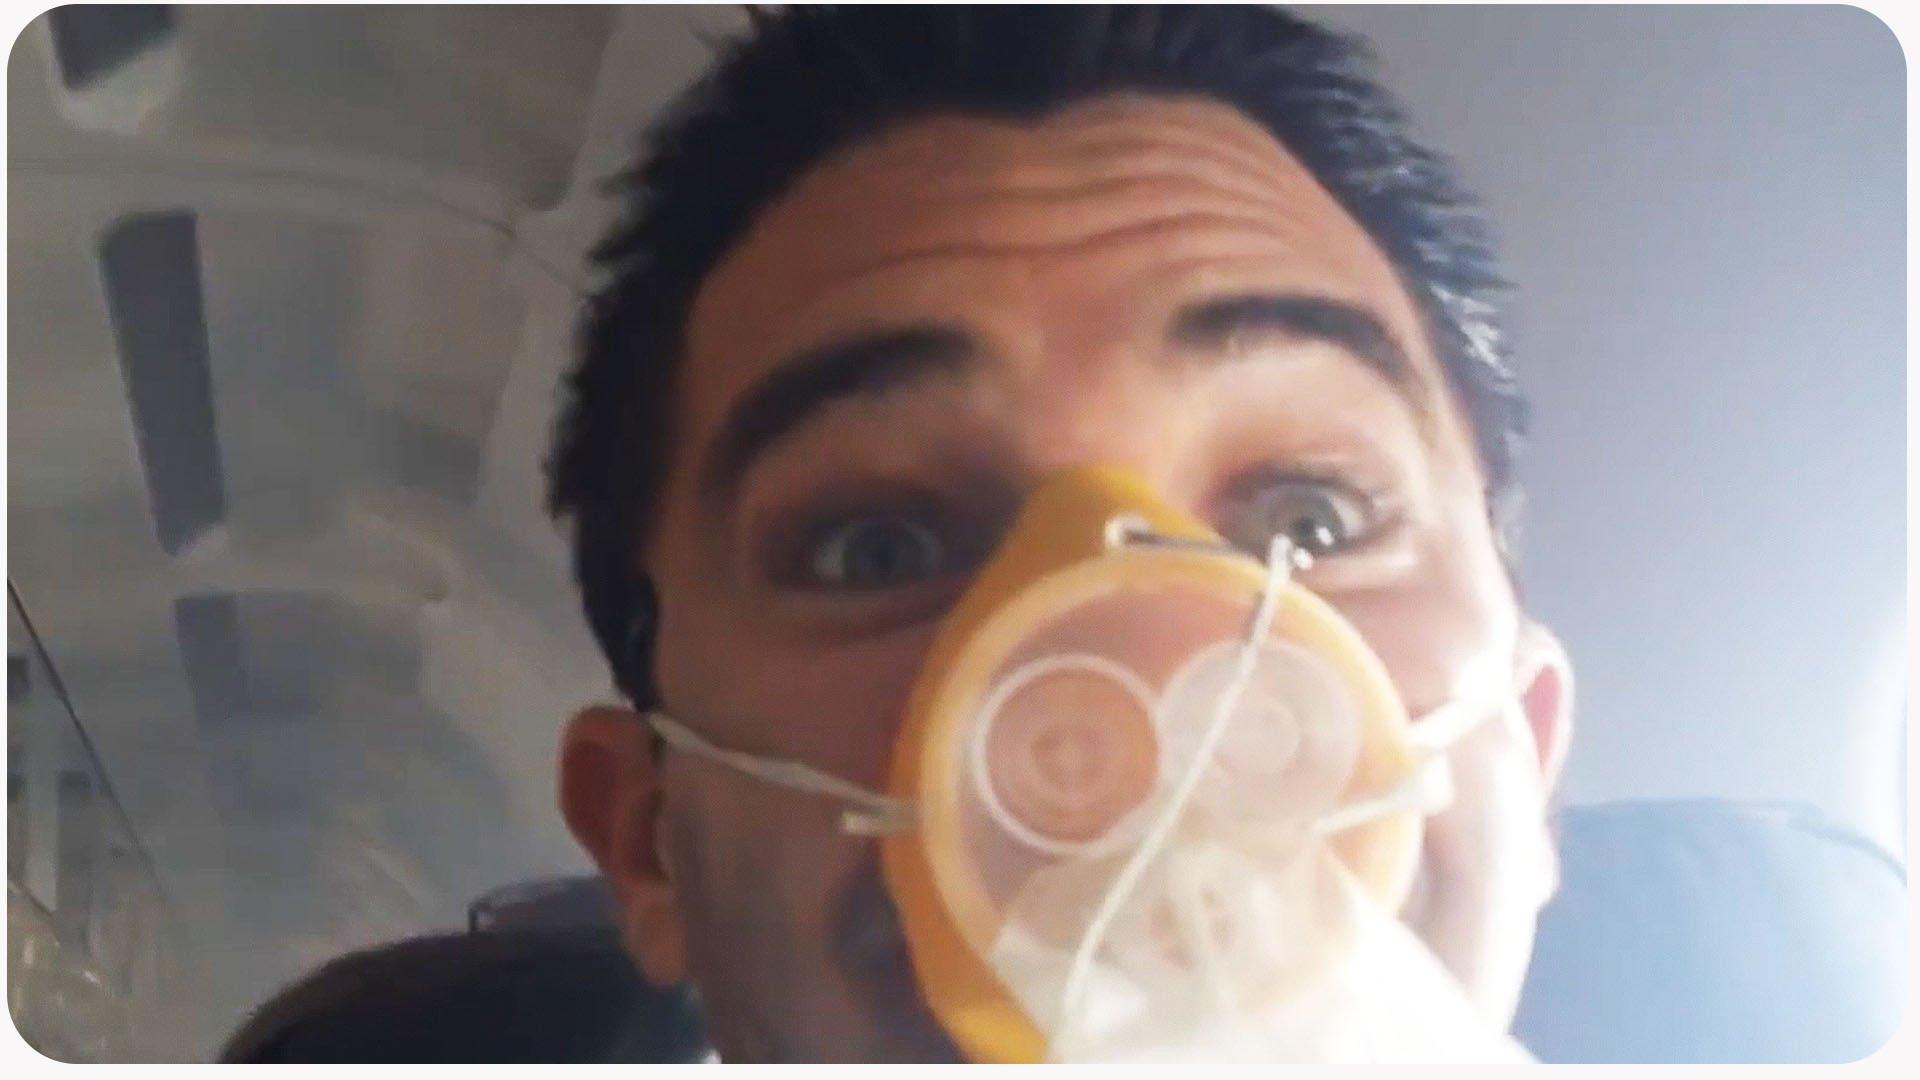 لحظات رعب لركاب طائرة بعد انفجار محركها الأيمن..! (فيديو)